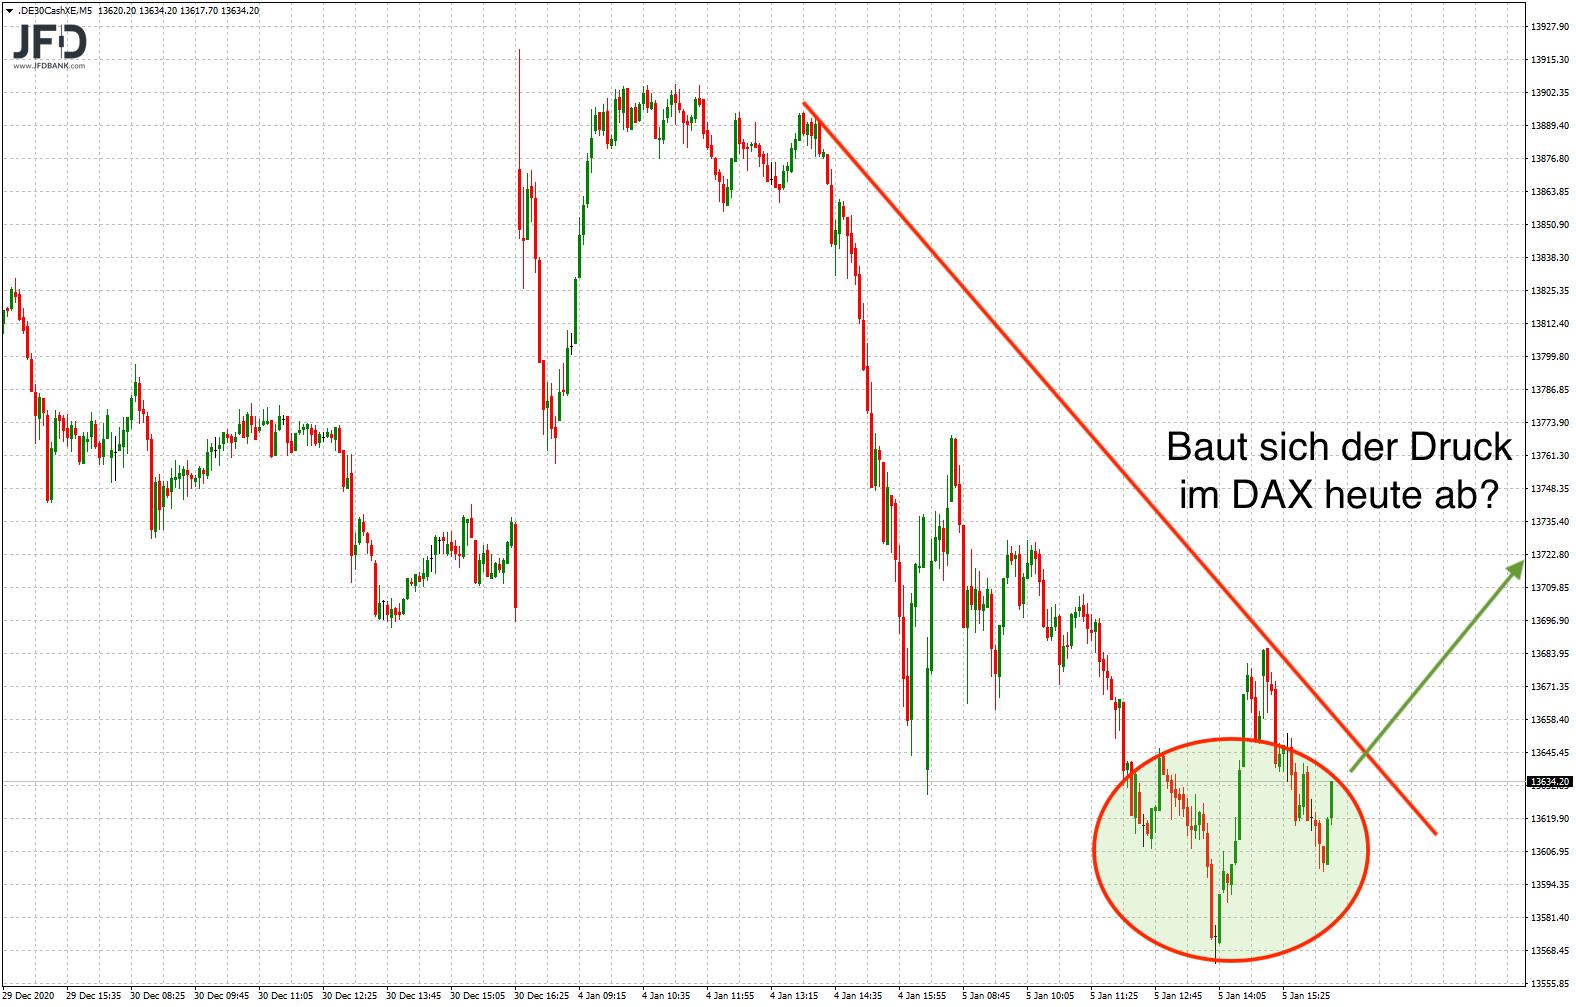 DAX-Rebound deutete sich an